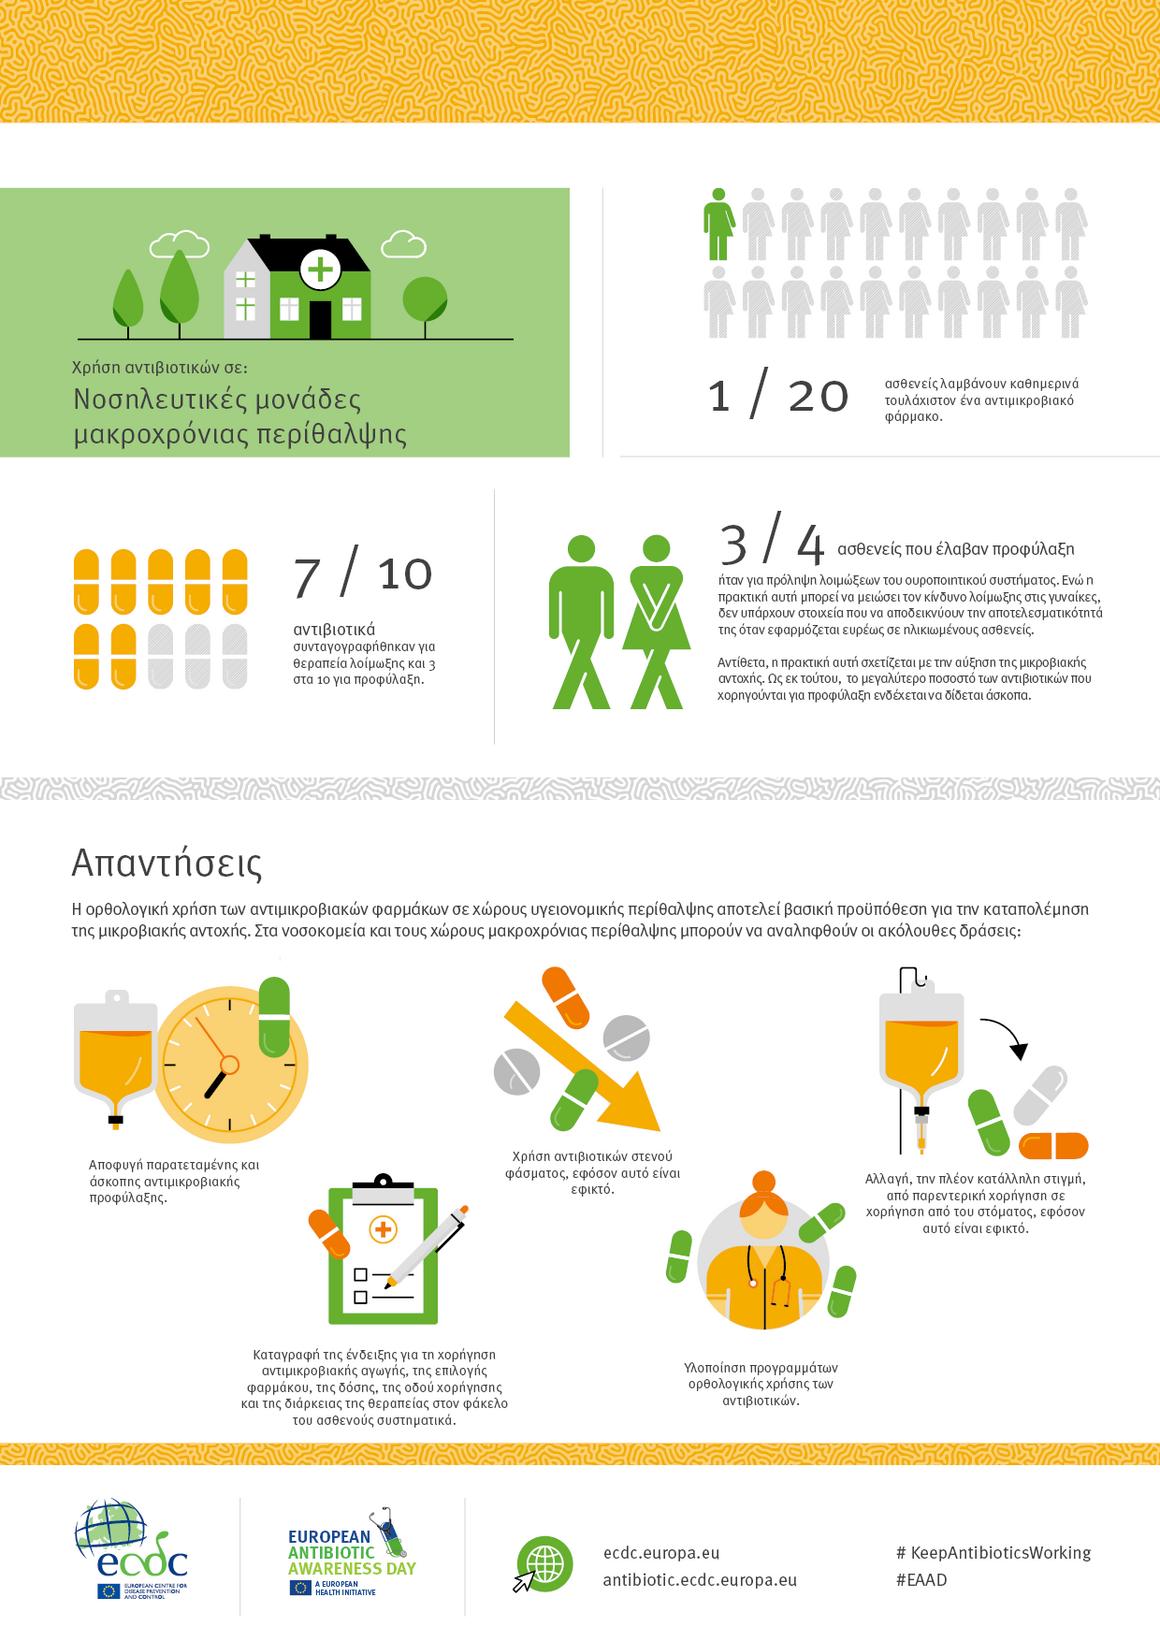 Χρήση αντιβιοτικών σε: Νοσηλευτικές μονάδες μακροχρόνιας περίθαλψης